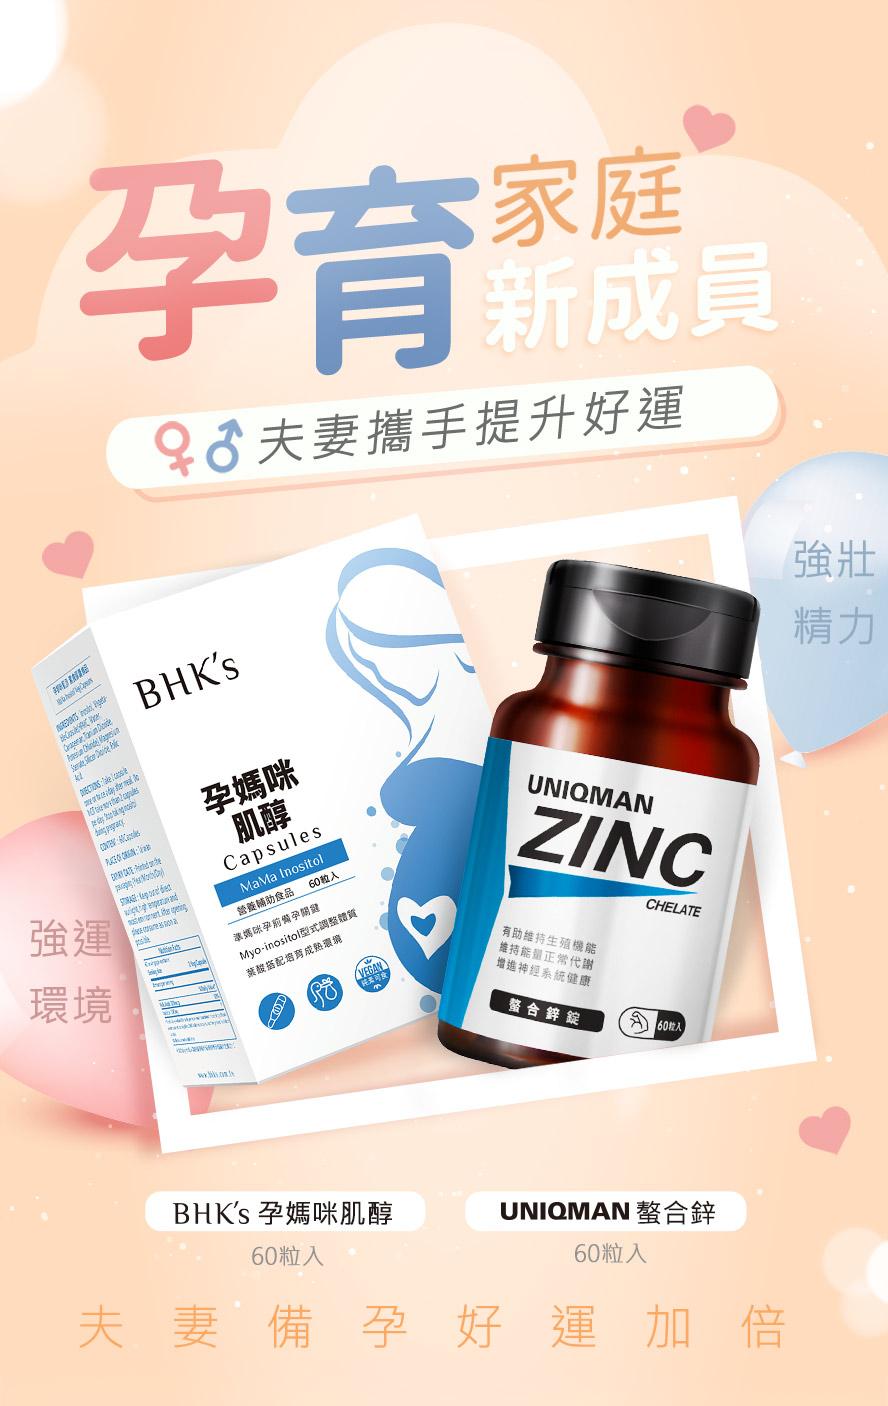 最完整的男女備孕營養素推薦!孕前準備推薦BHK's肌醇+螯合鋅,期待新生命到來。